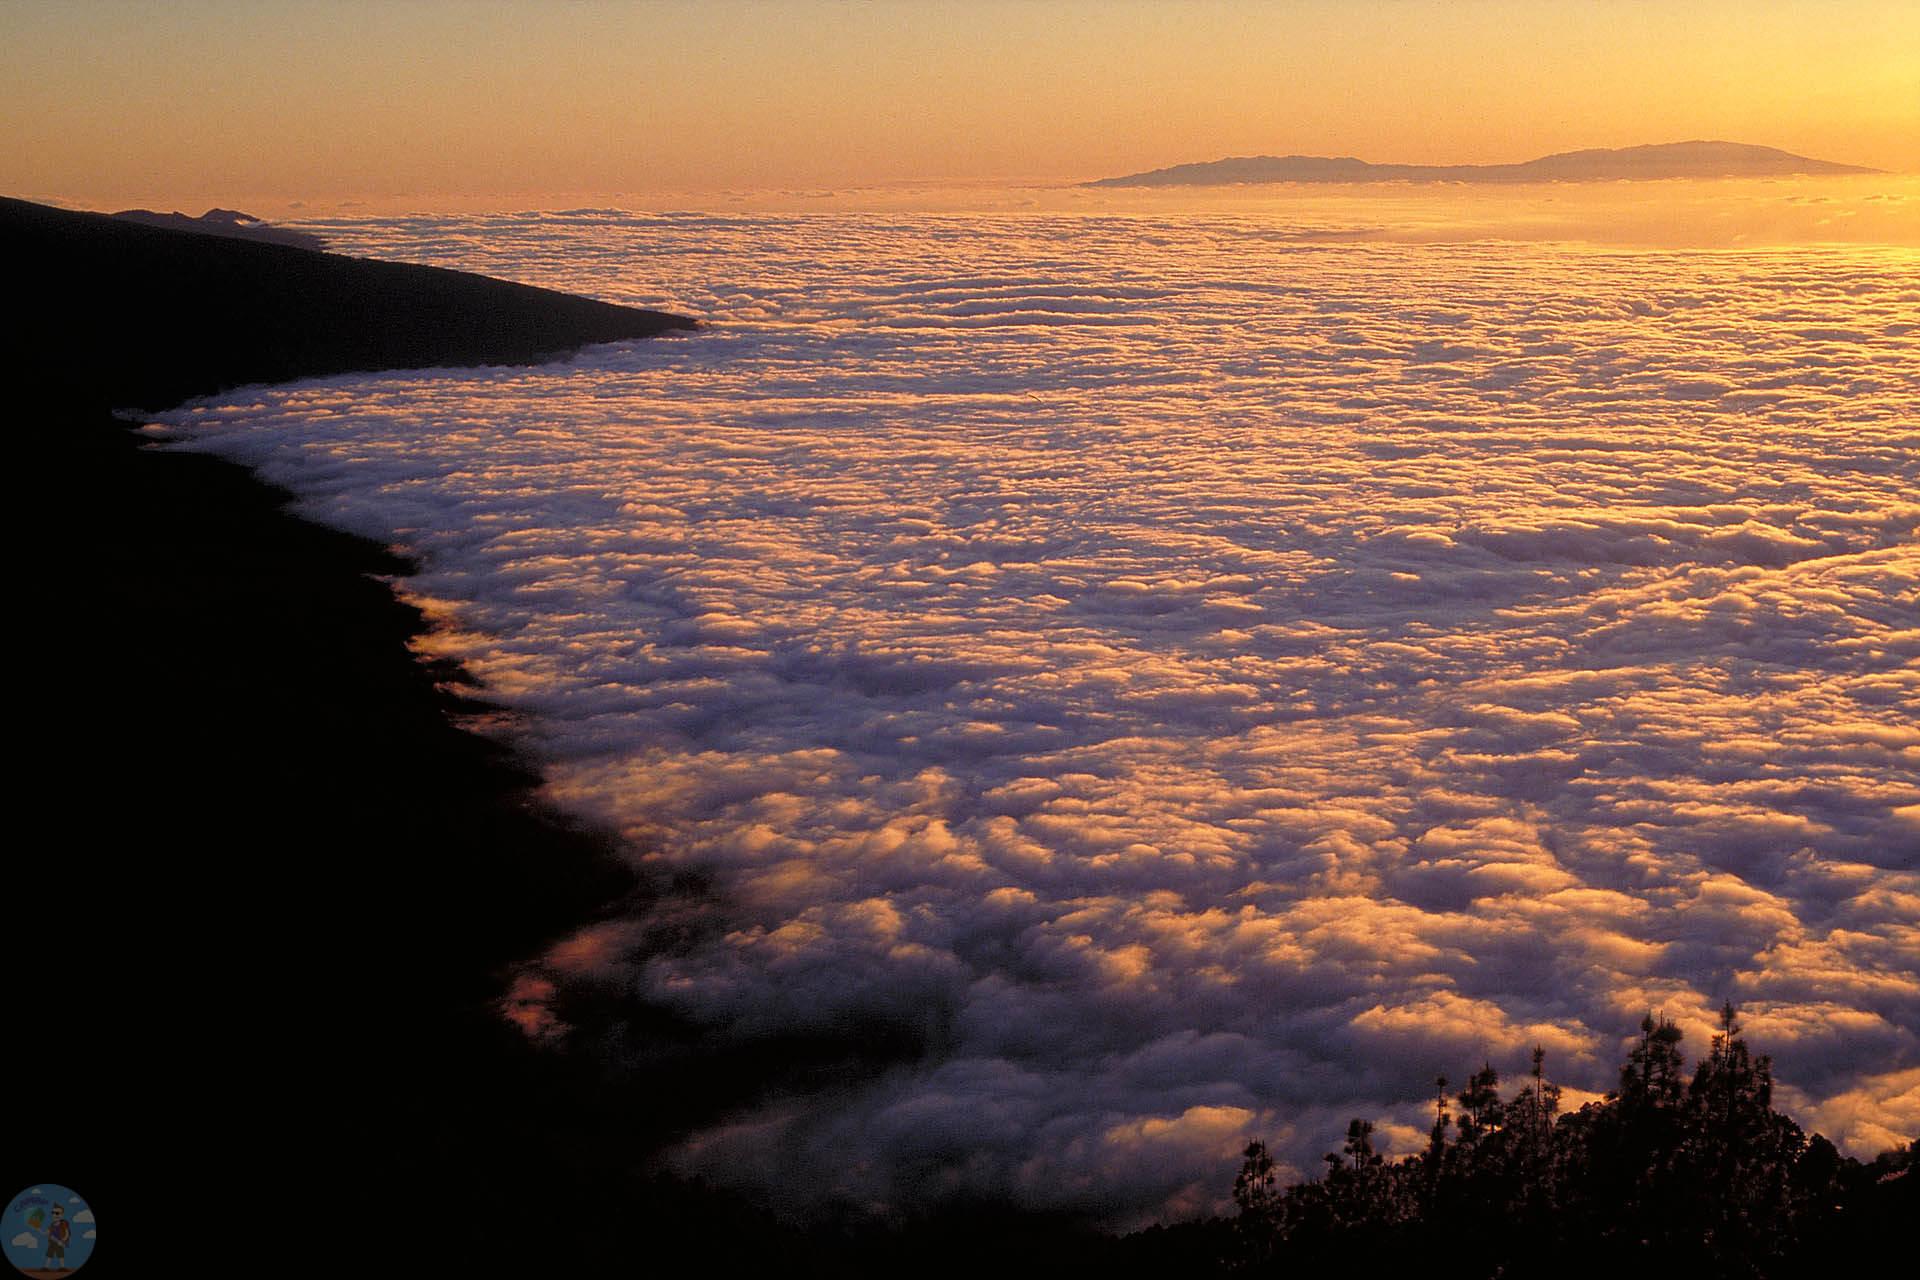 Облака Возле тейде вид с вершины горы